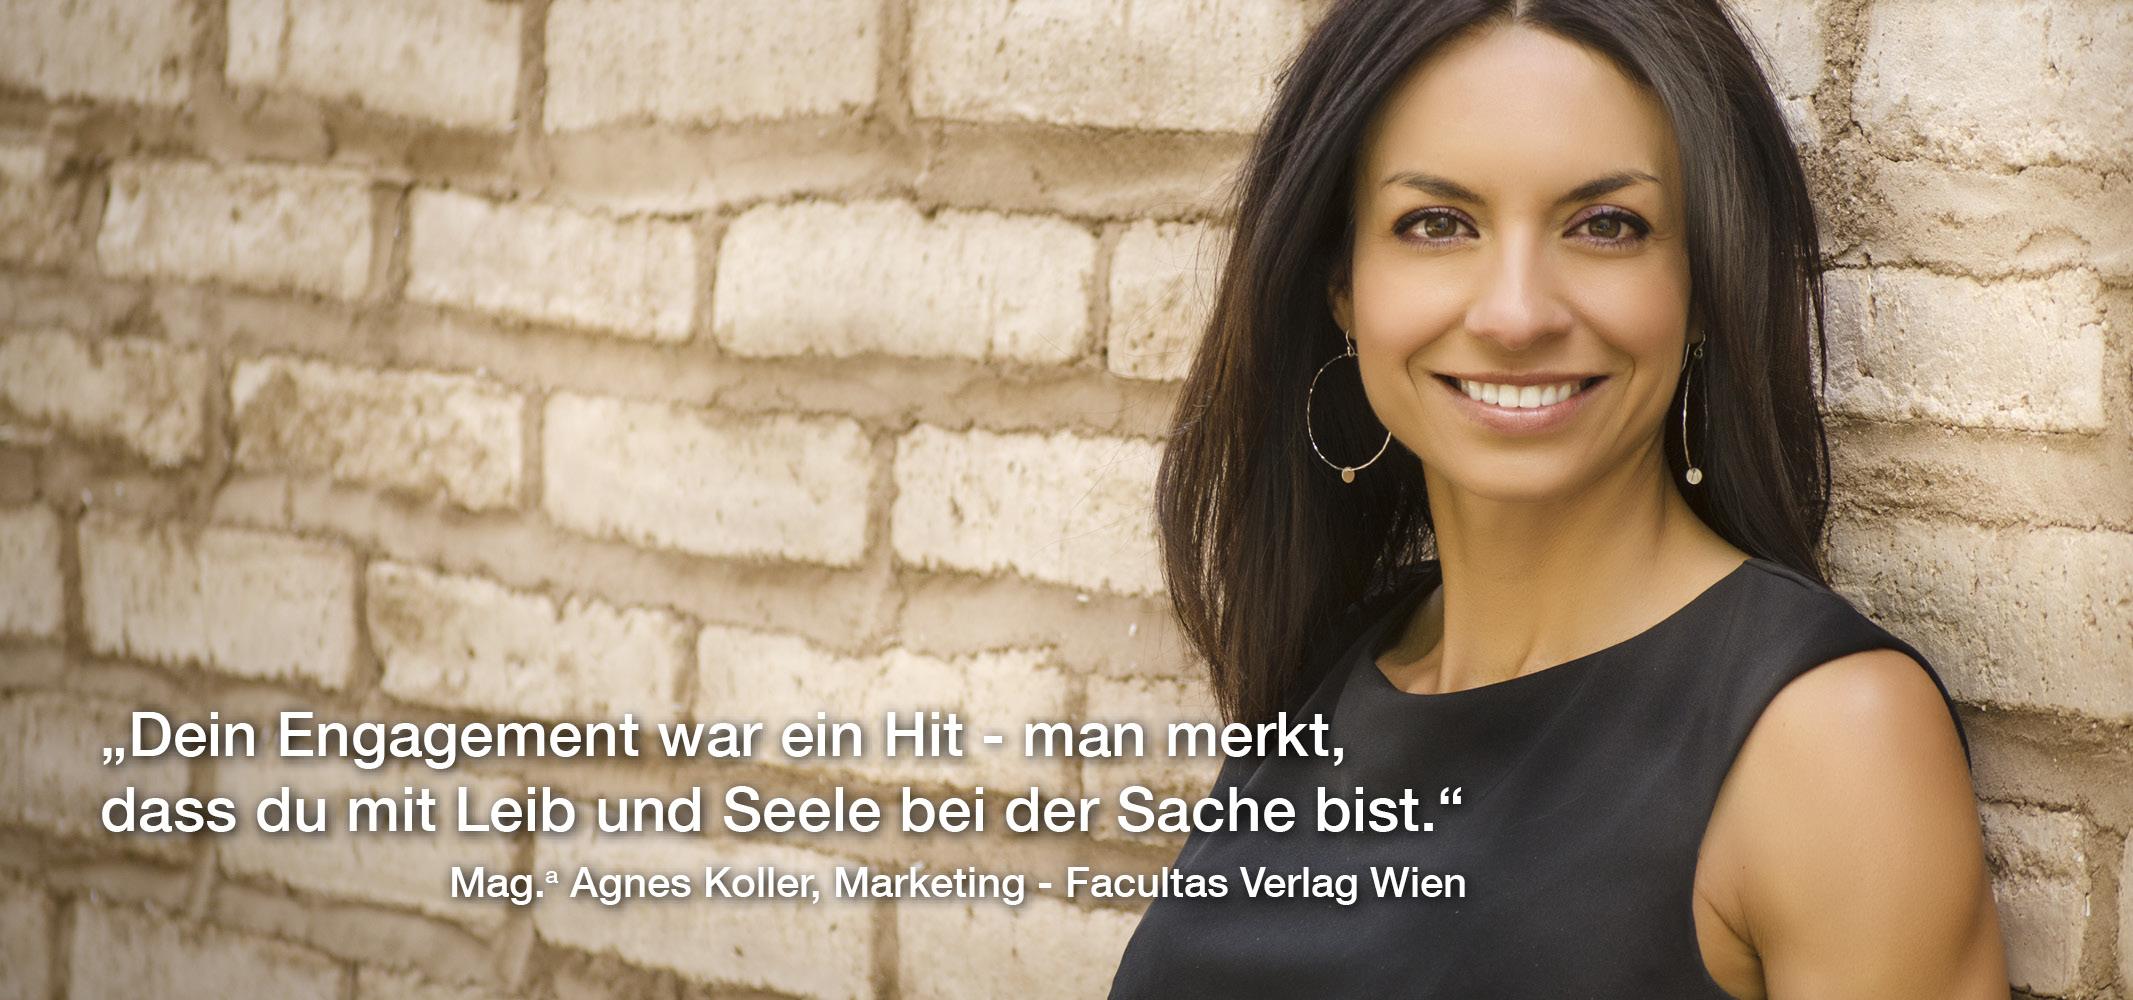 Referenzstimme Mag. Agnes Koller